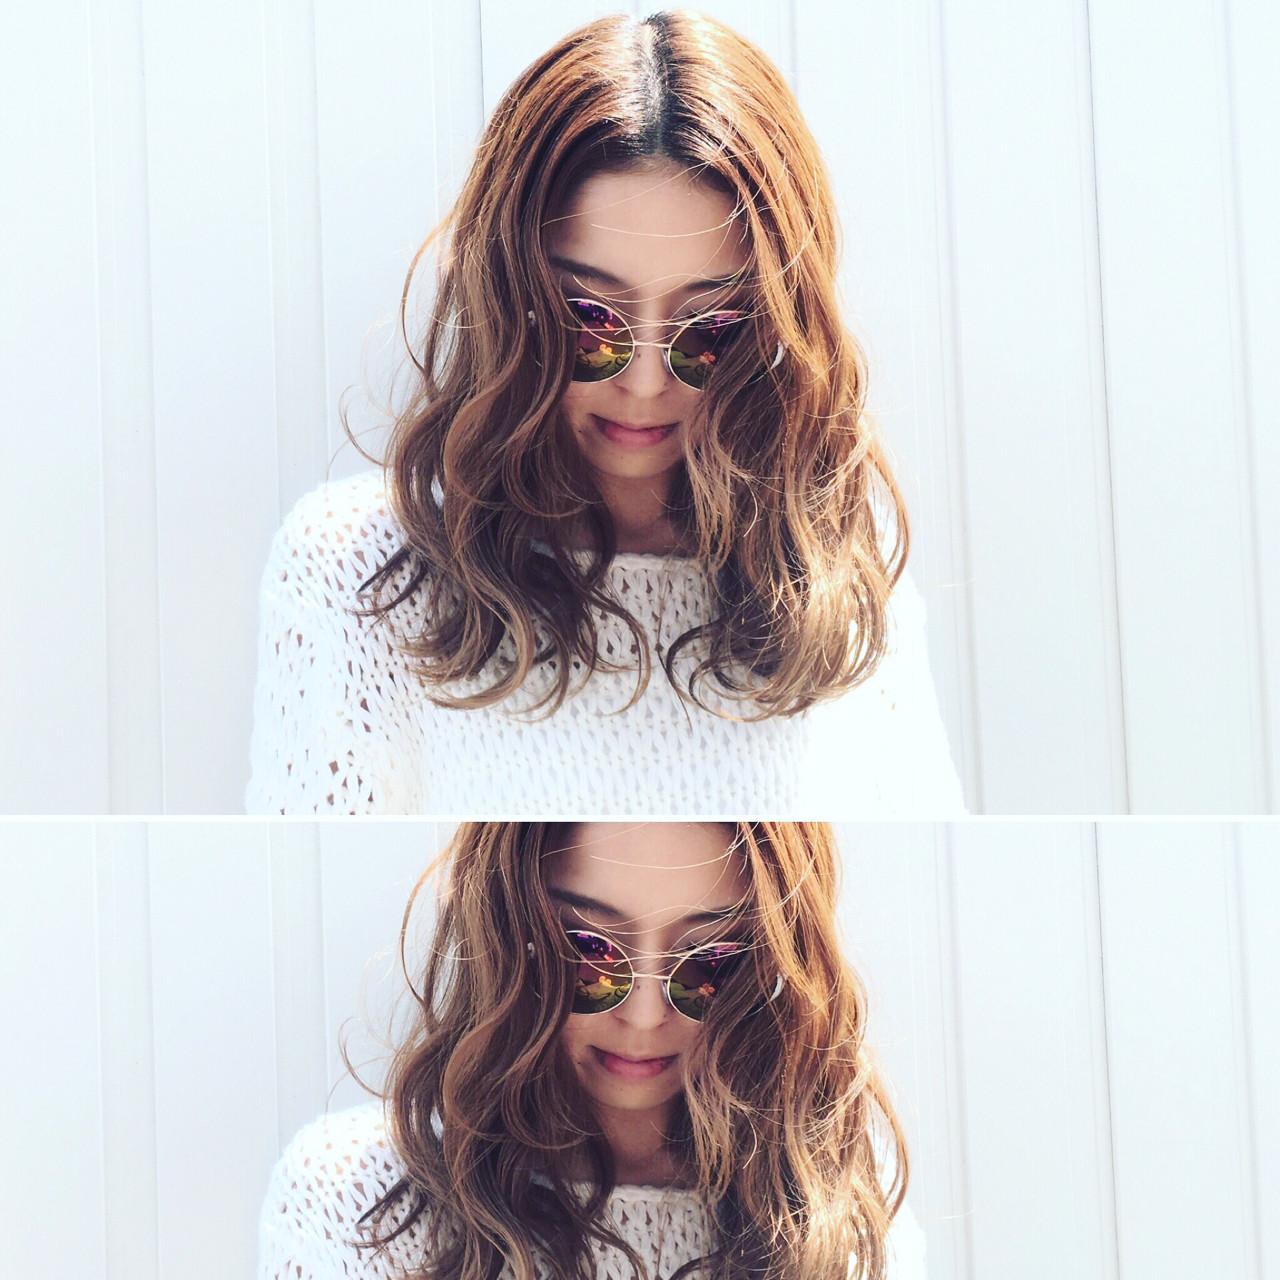 最高に可愛く思い出に残る♡潮風に負けない、海にぴったりのヘアカタログ。 ryota kuwamura / hair make Full throttle